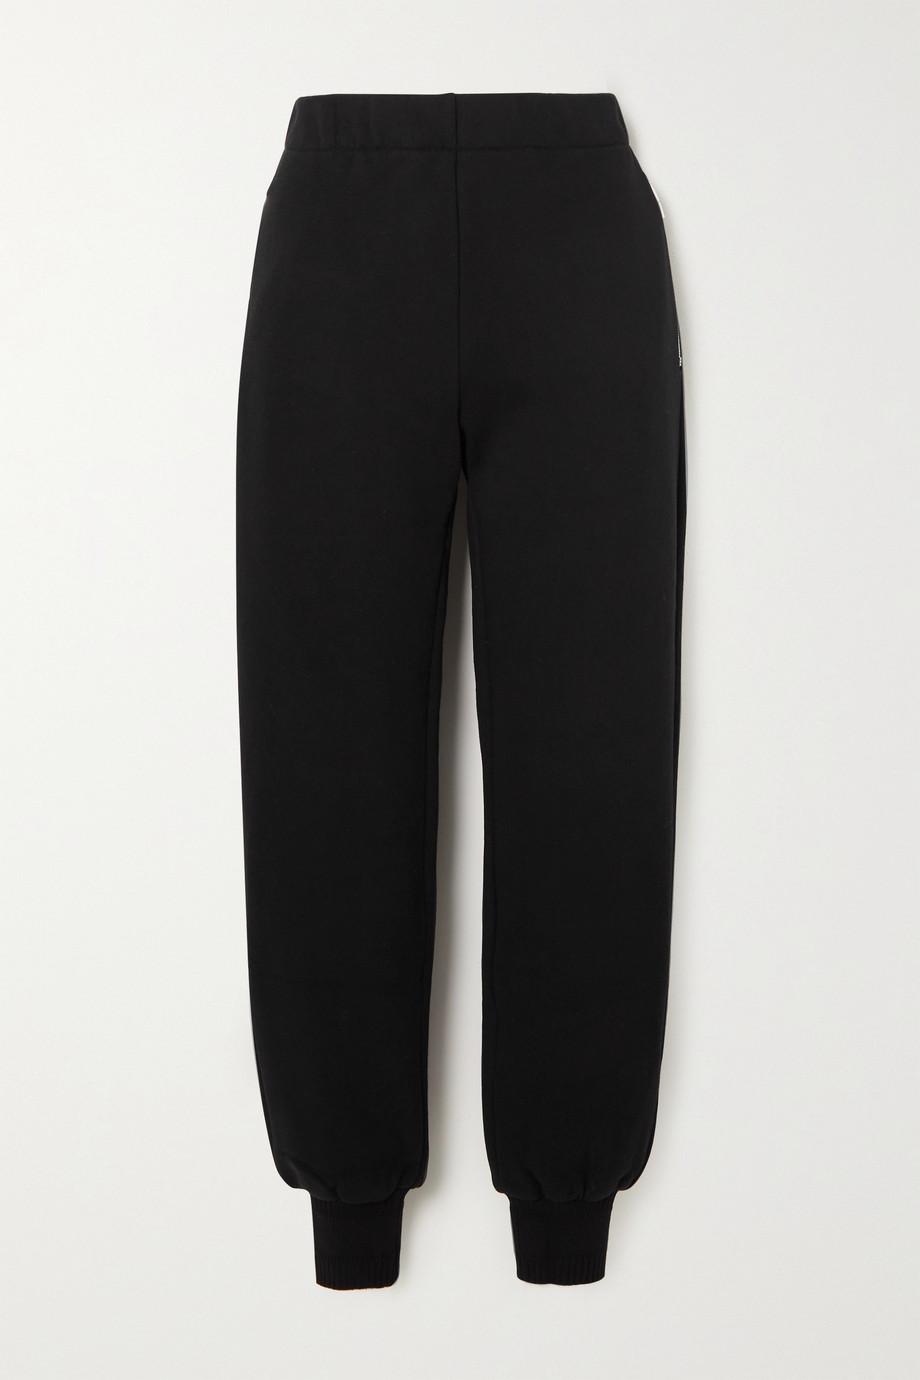 Givenchy Pantalon de survêtement en jersey de coton brossé